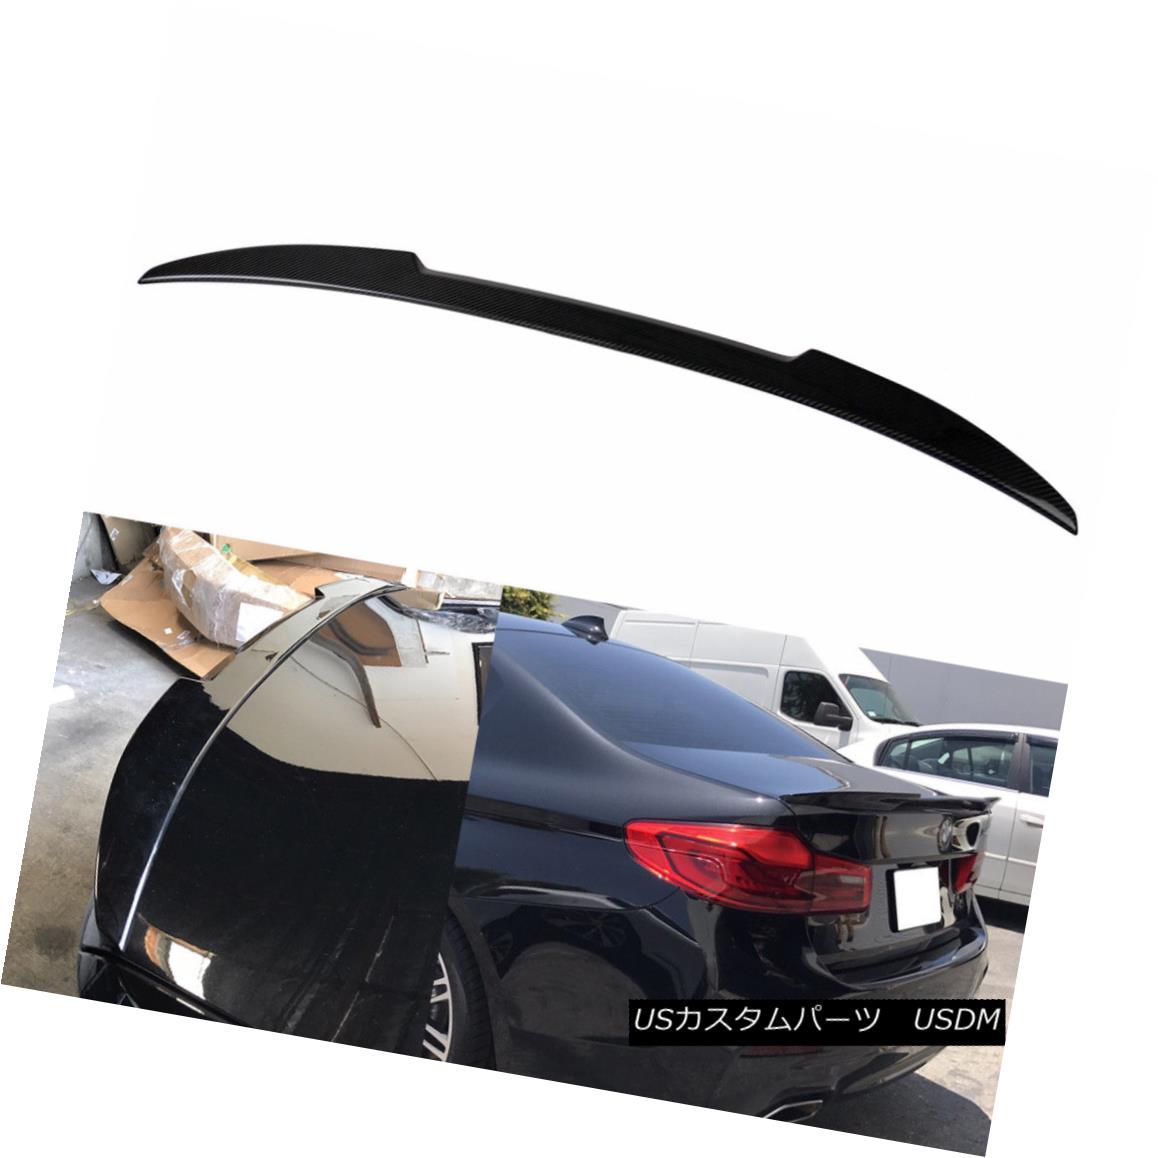 エアロパーツ BMW 5-Ser 2017-2018 Dry Carbon G30 4D Sedan M4 Look Rear Trunk Spoiler BMW 5シリーズ2017-2018ドライカーボンG30 4DセダンM4ルーフリアトランク・スポイラー